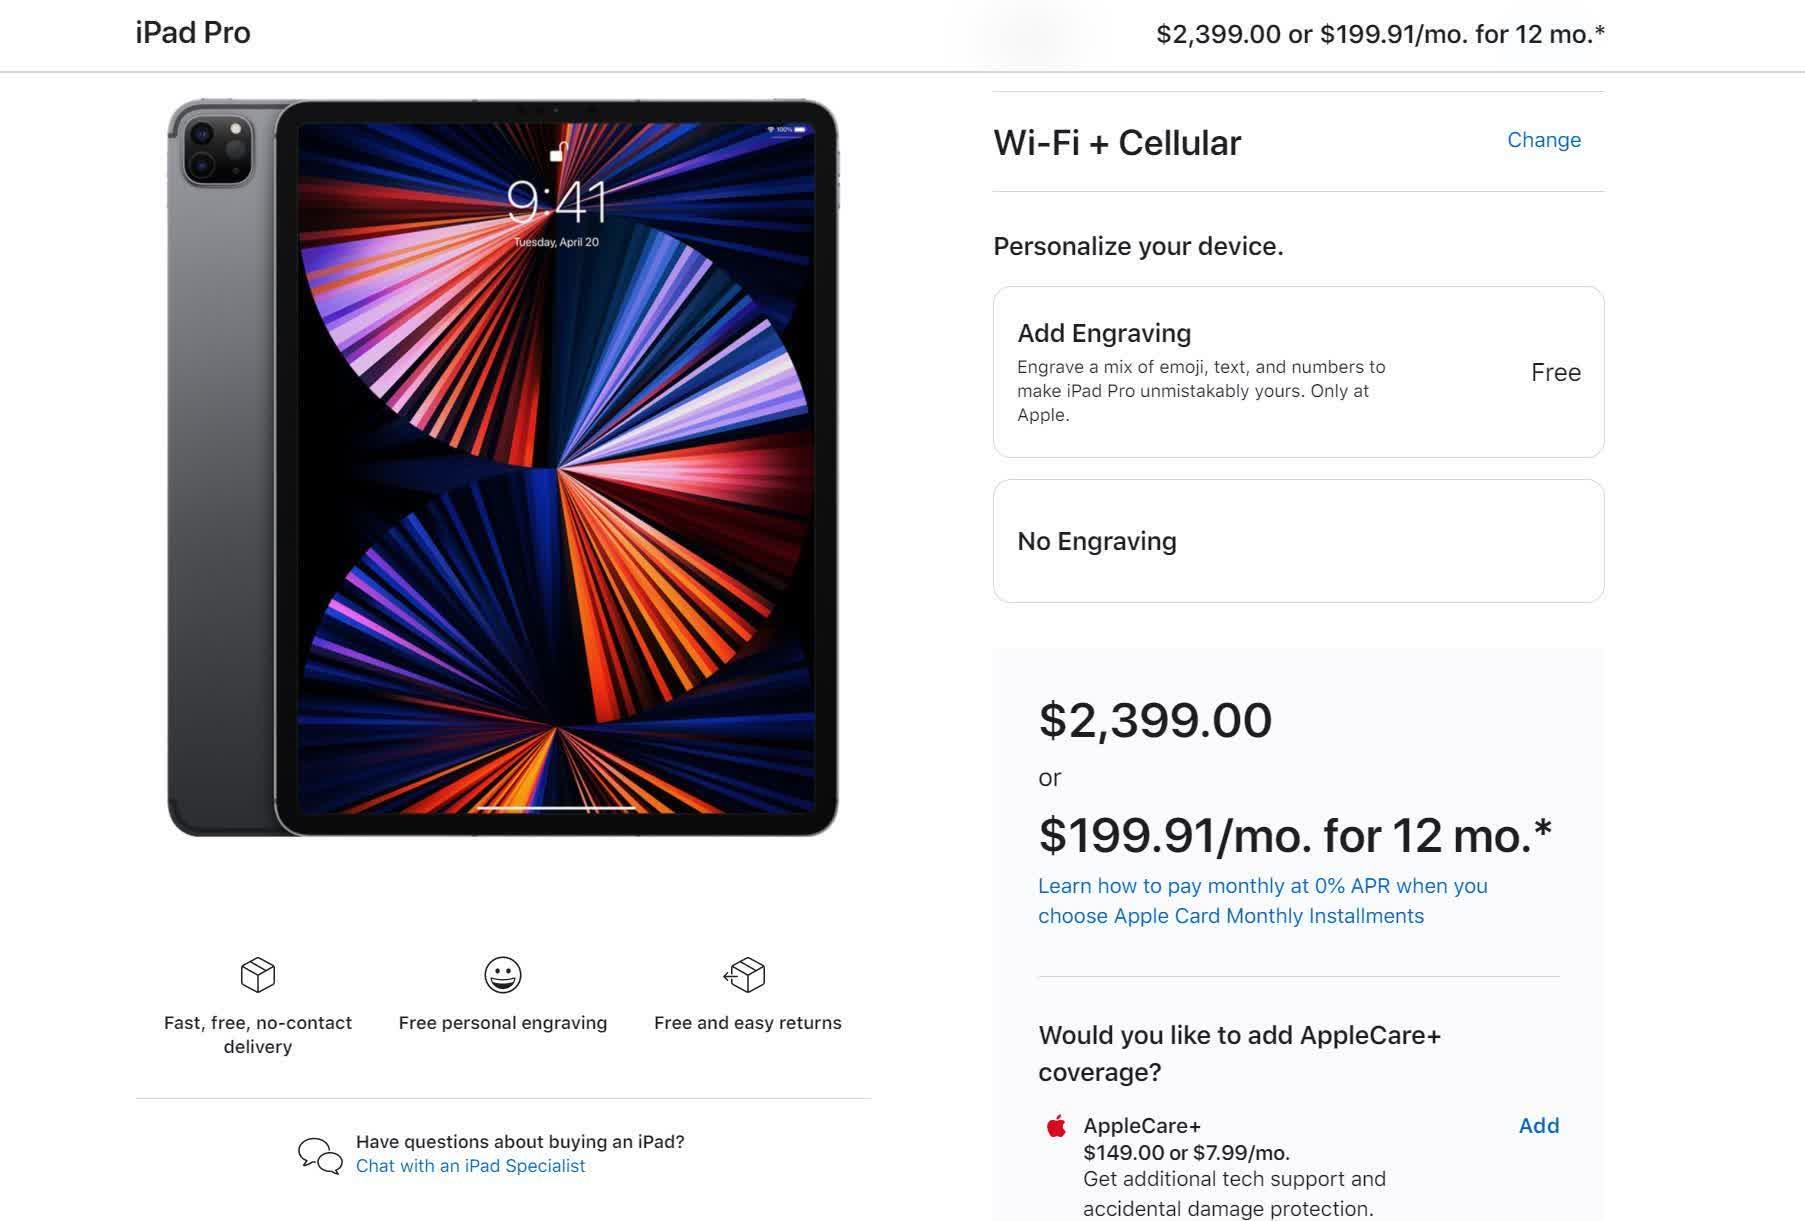 Le nouvel iPad Pro le plus performant coute 2400